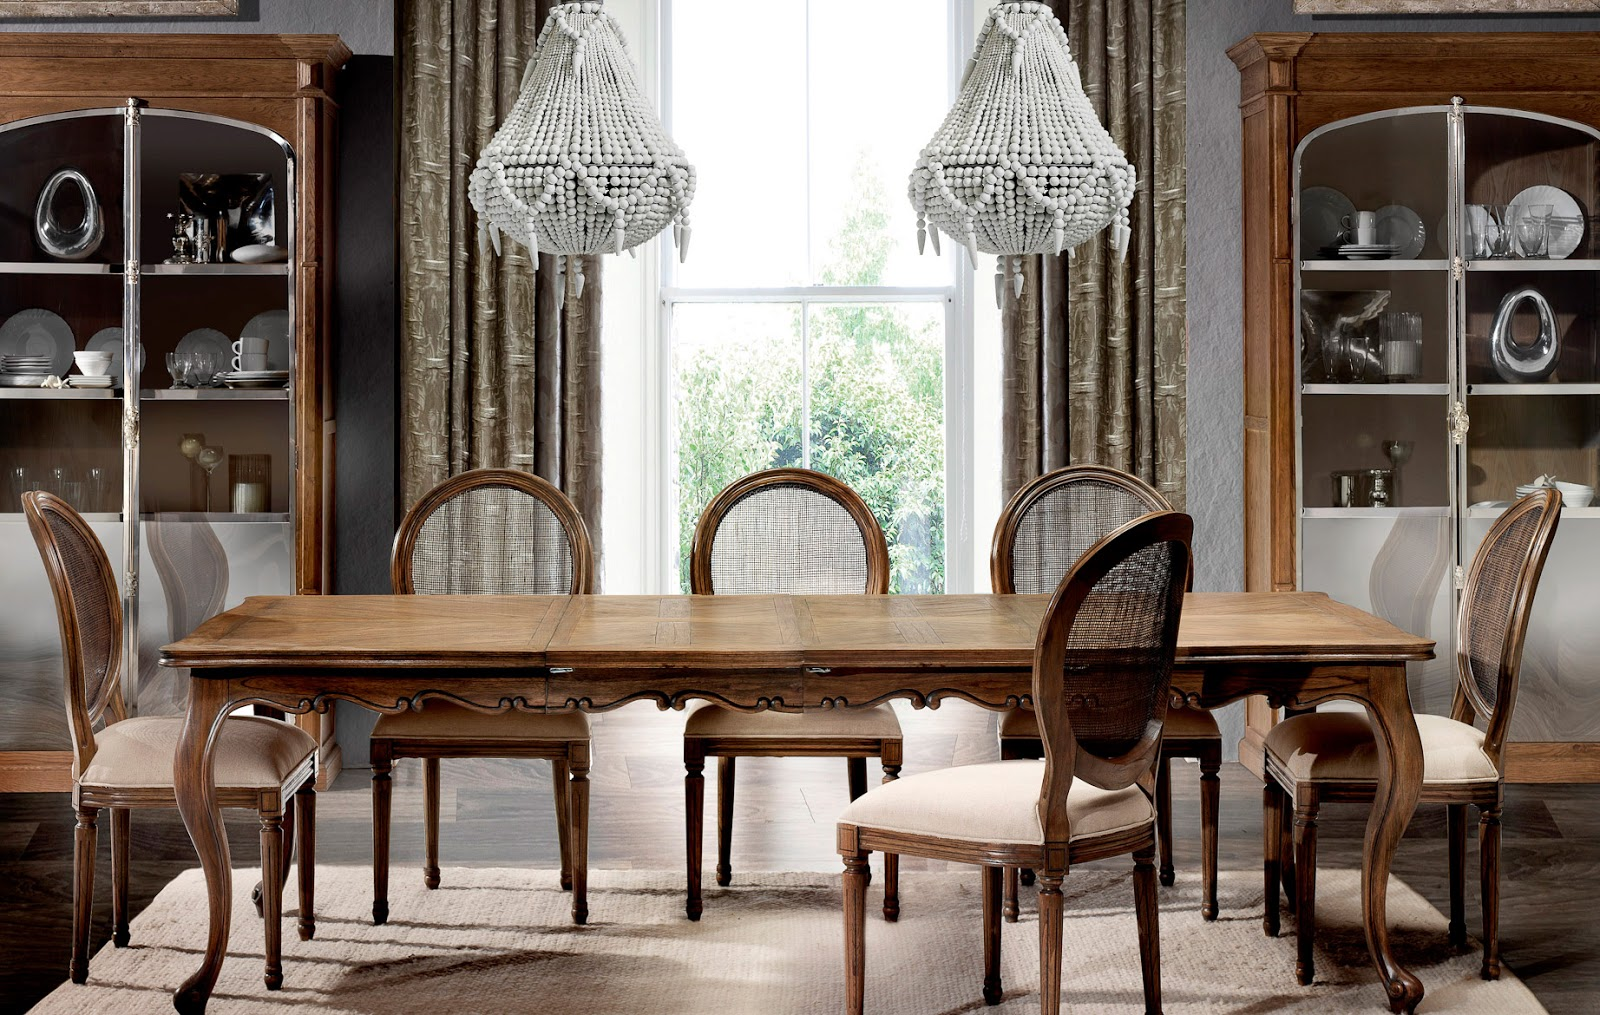 Muebles de comedor comedores clasicos ejemplo de elegancia for Muebles de comedor